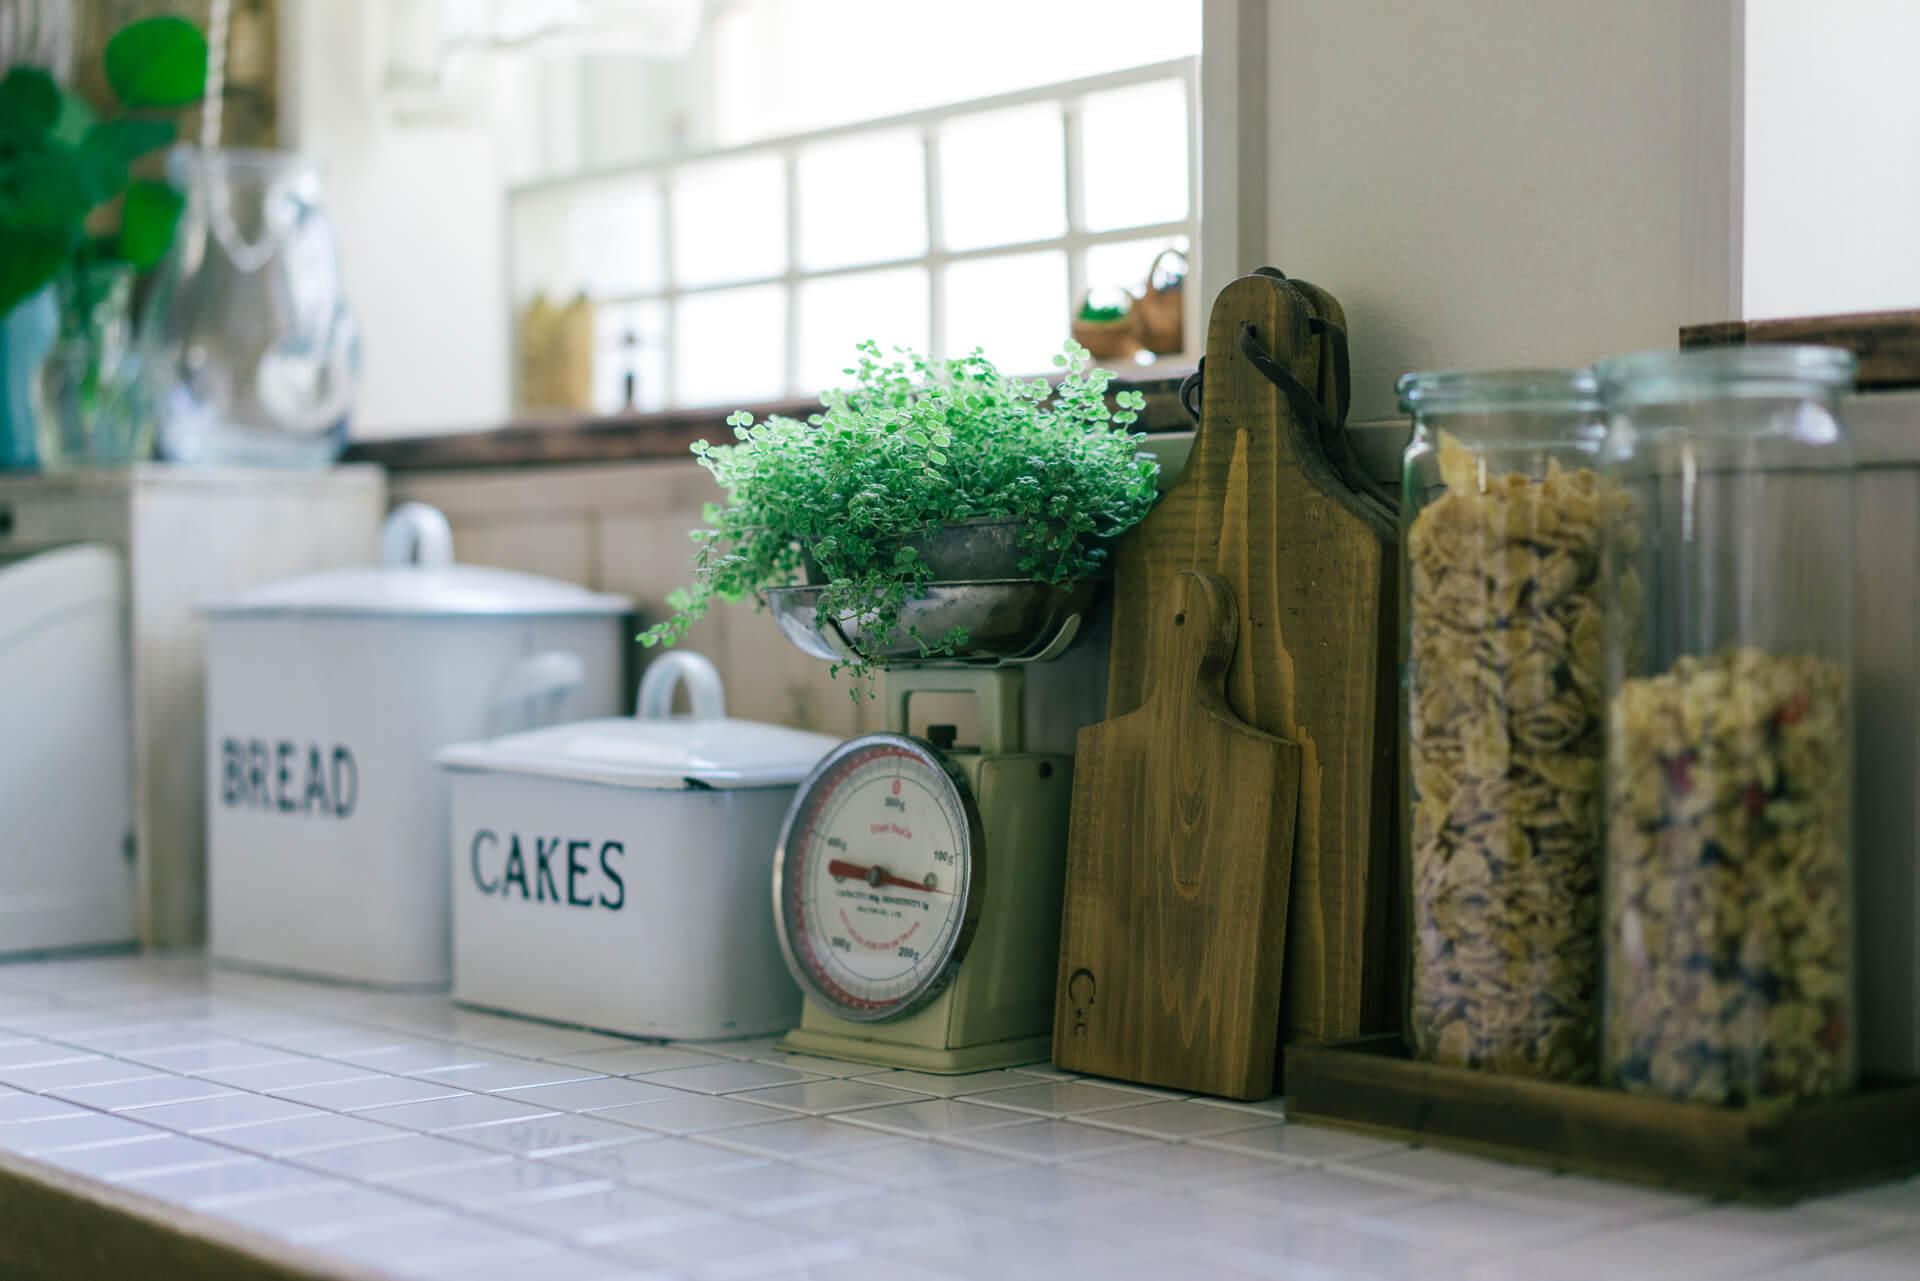 キッチンにも!ちょこんと緑があるだけで、料理も楽しみになりますね。